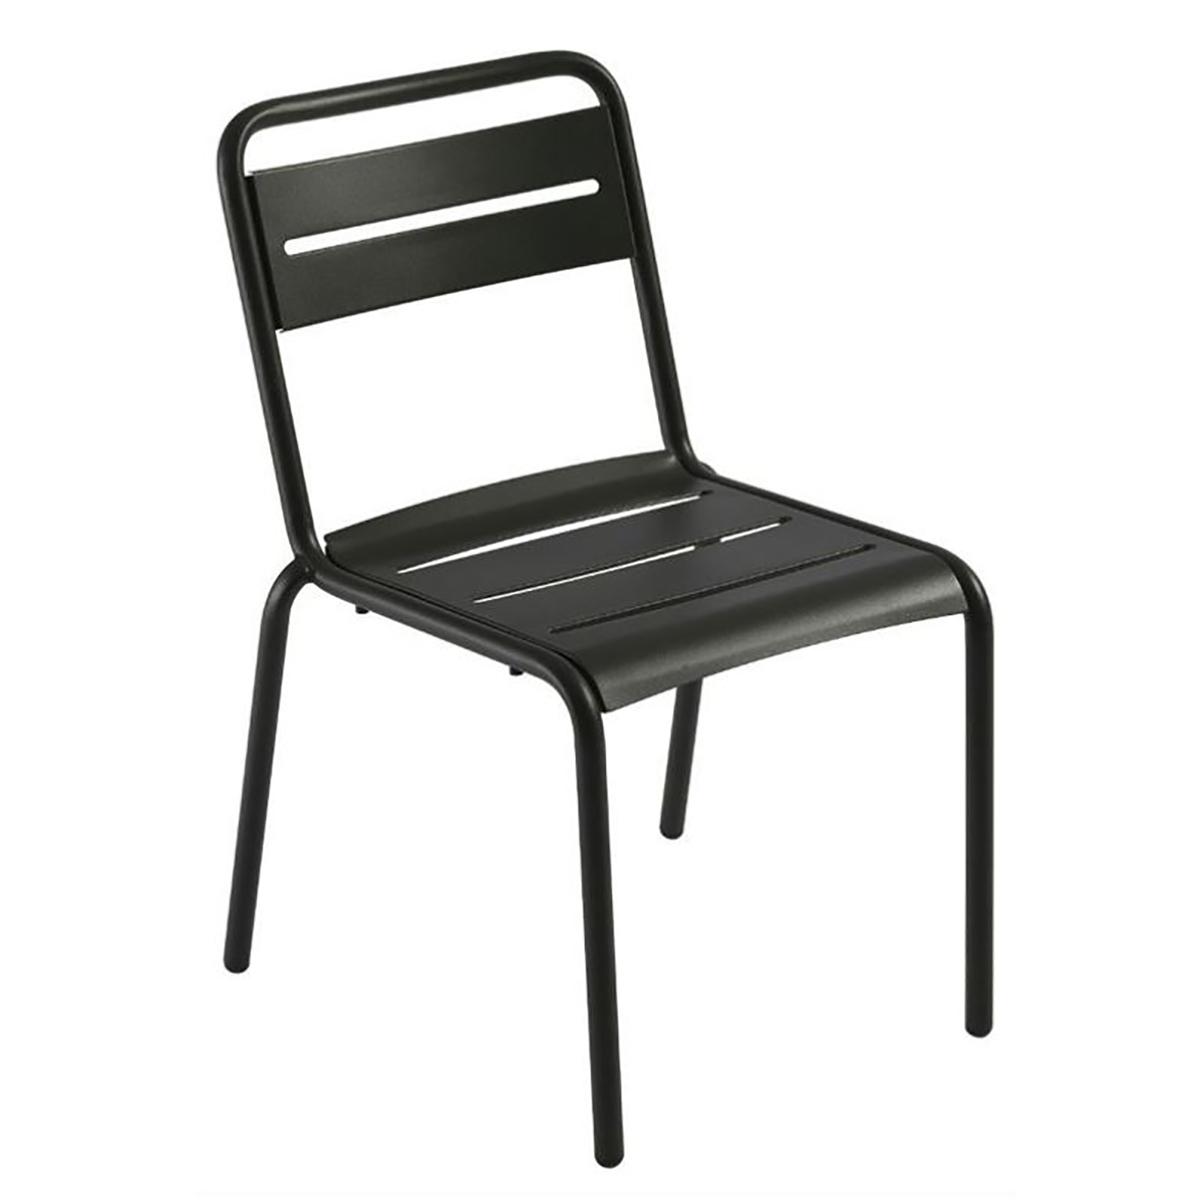 steel slat side chair